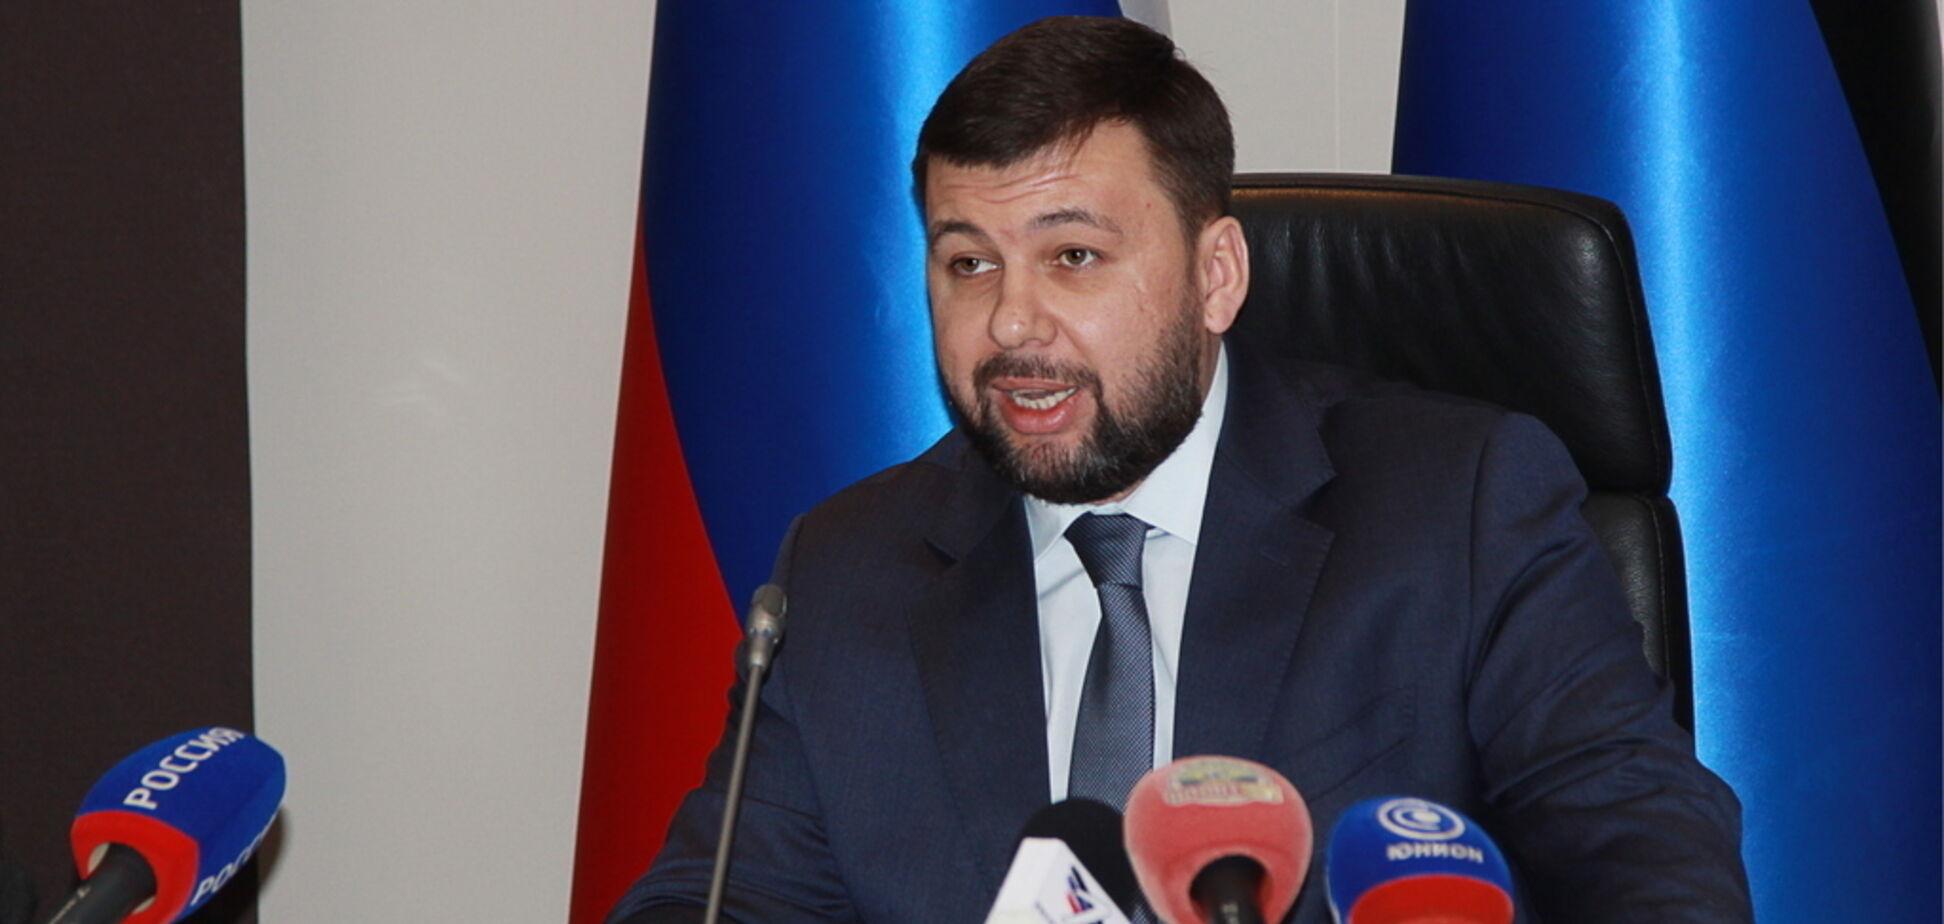 'Ответ будет зеркальным!' Главарь 'ДНР' вспыхнул угрозами из-за ситуации в Петровском